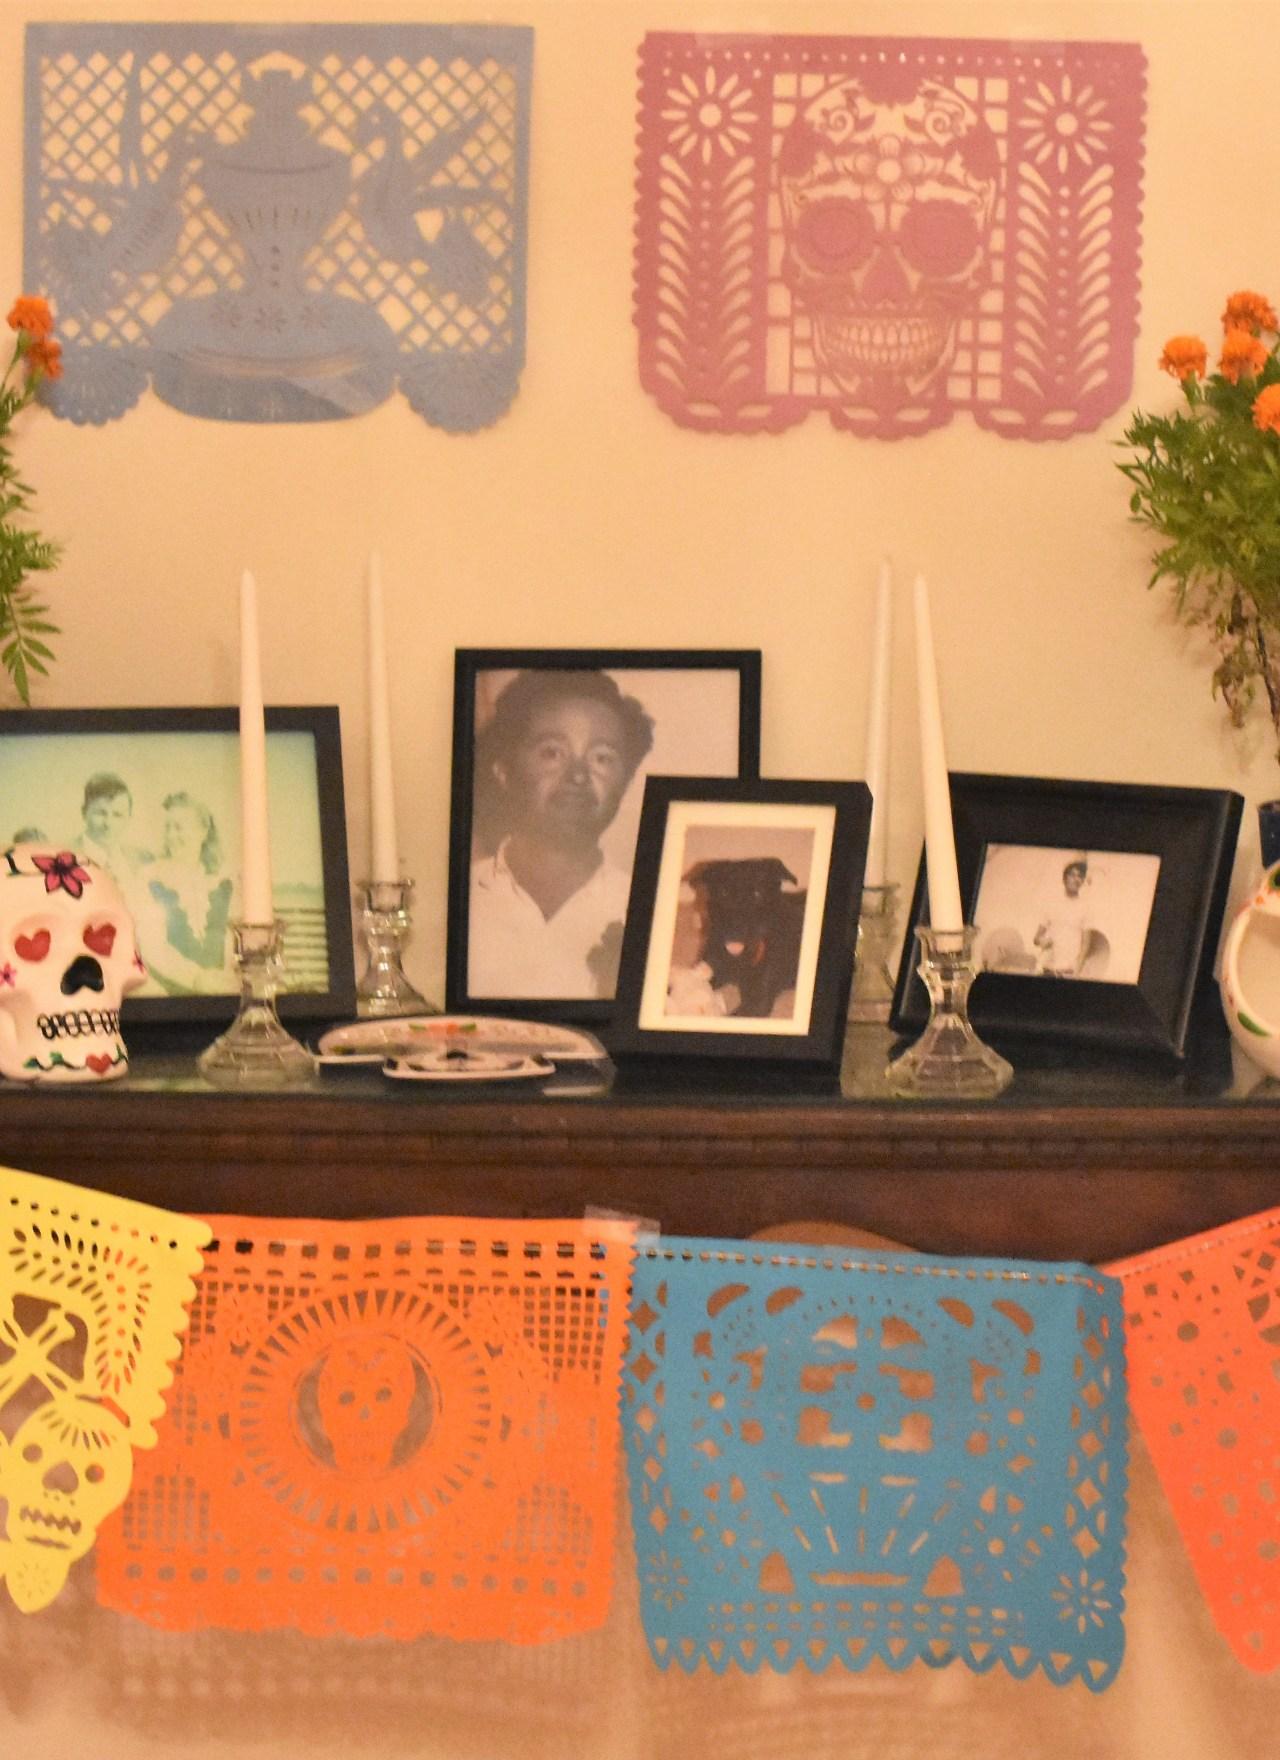 Dia De Los Muertos: Our Family's First Ofrenda + DIY Sugar Skull